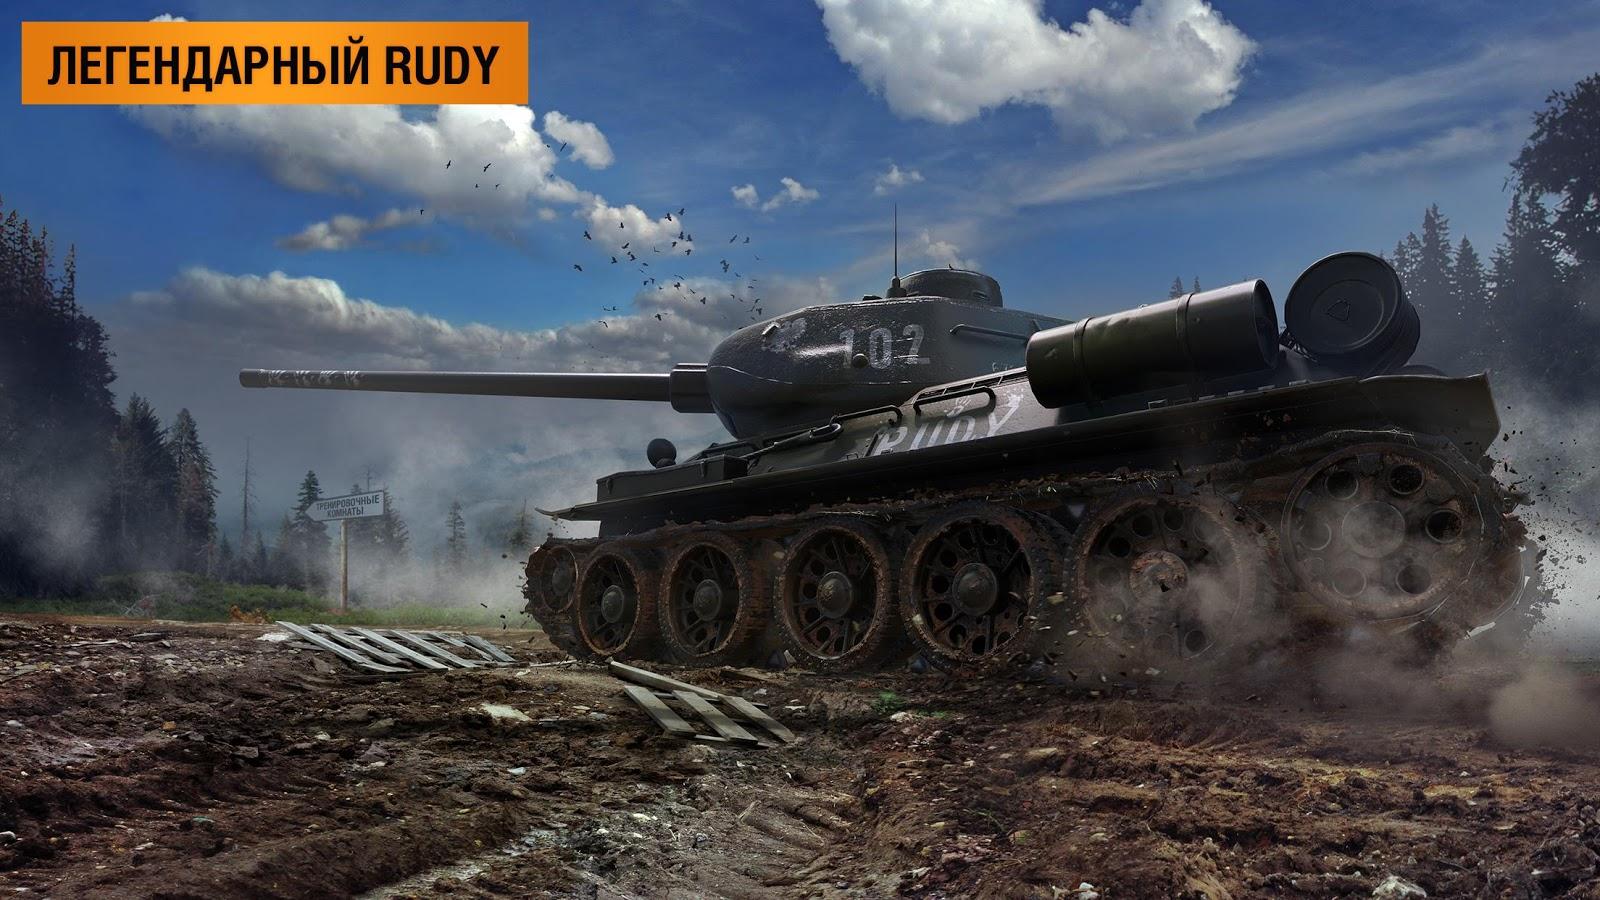 World of tanks blitz v1. 2. 5 скачать бесплатно полную версию.